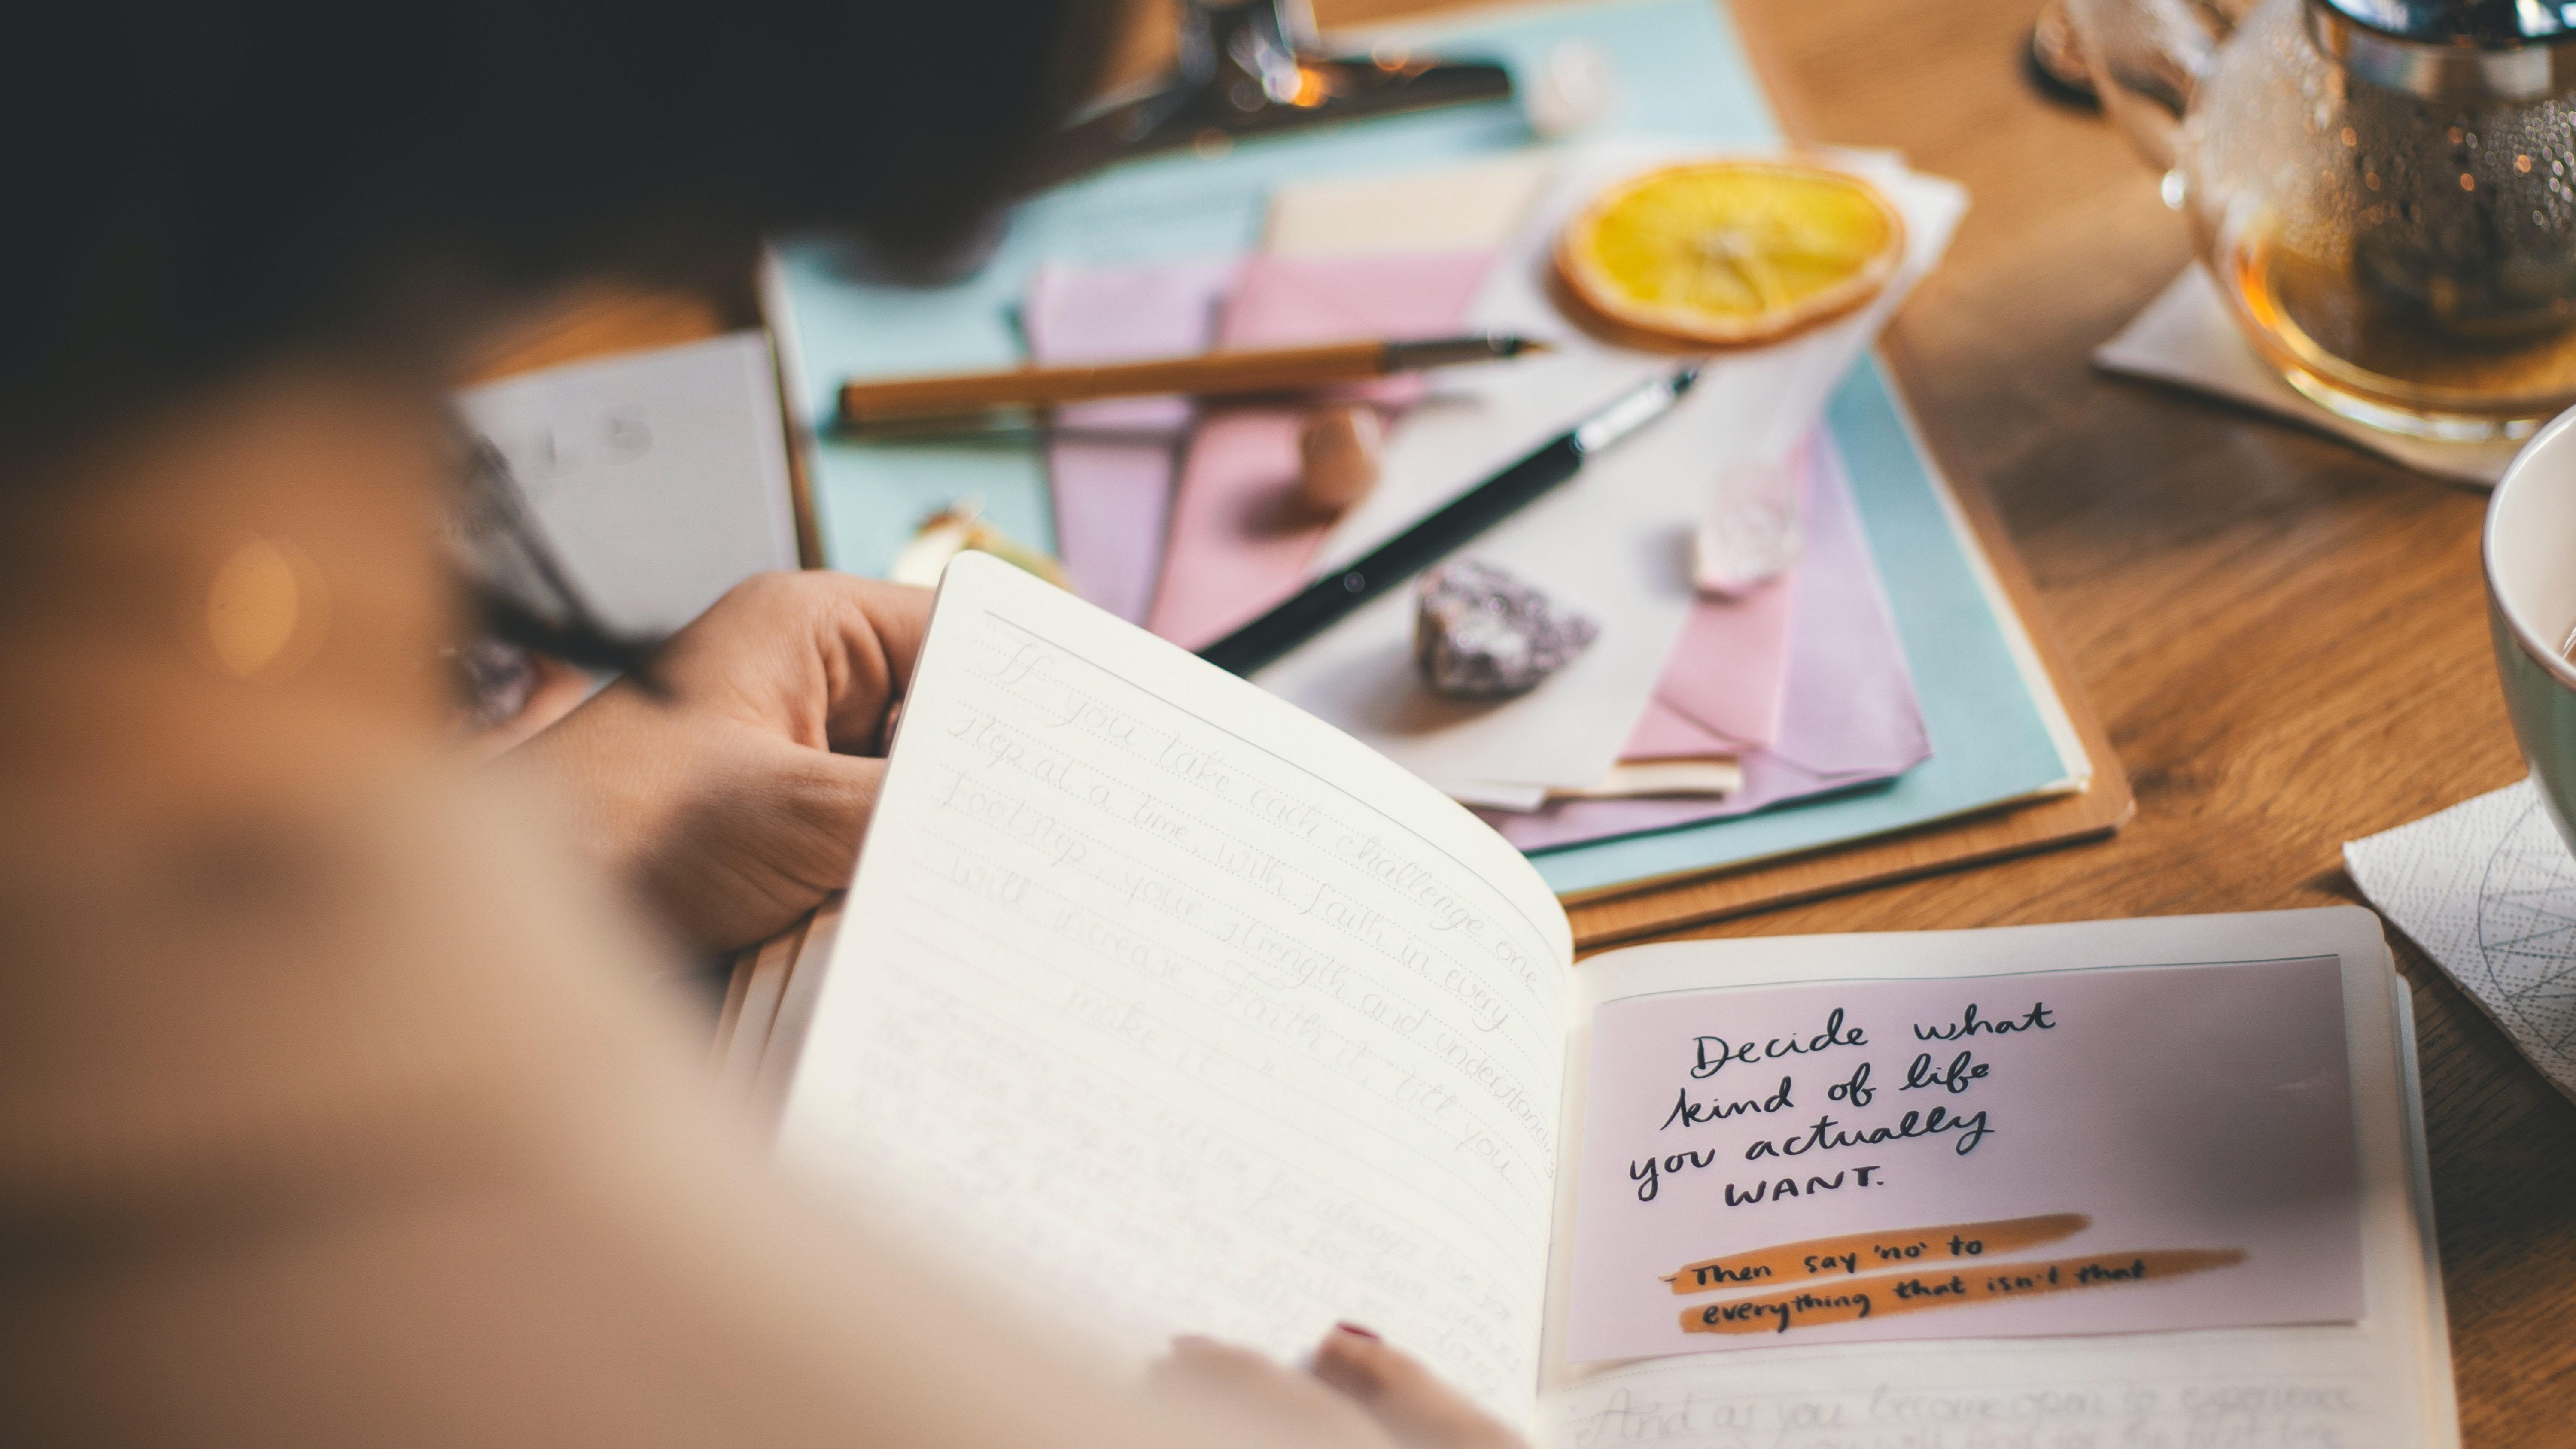 Ein Scrapbook für die eigenen Gedanken ist eine gute Idee, sich Sorgen von der Seele zu schreiben.